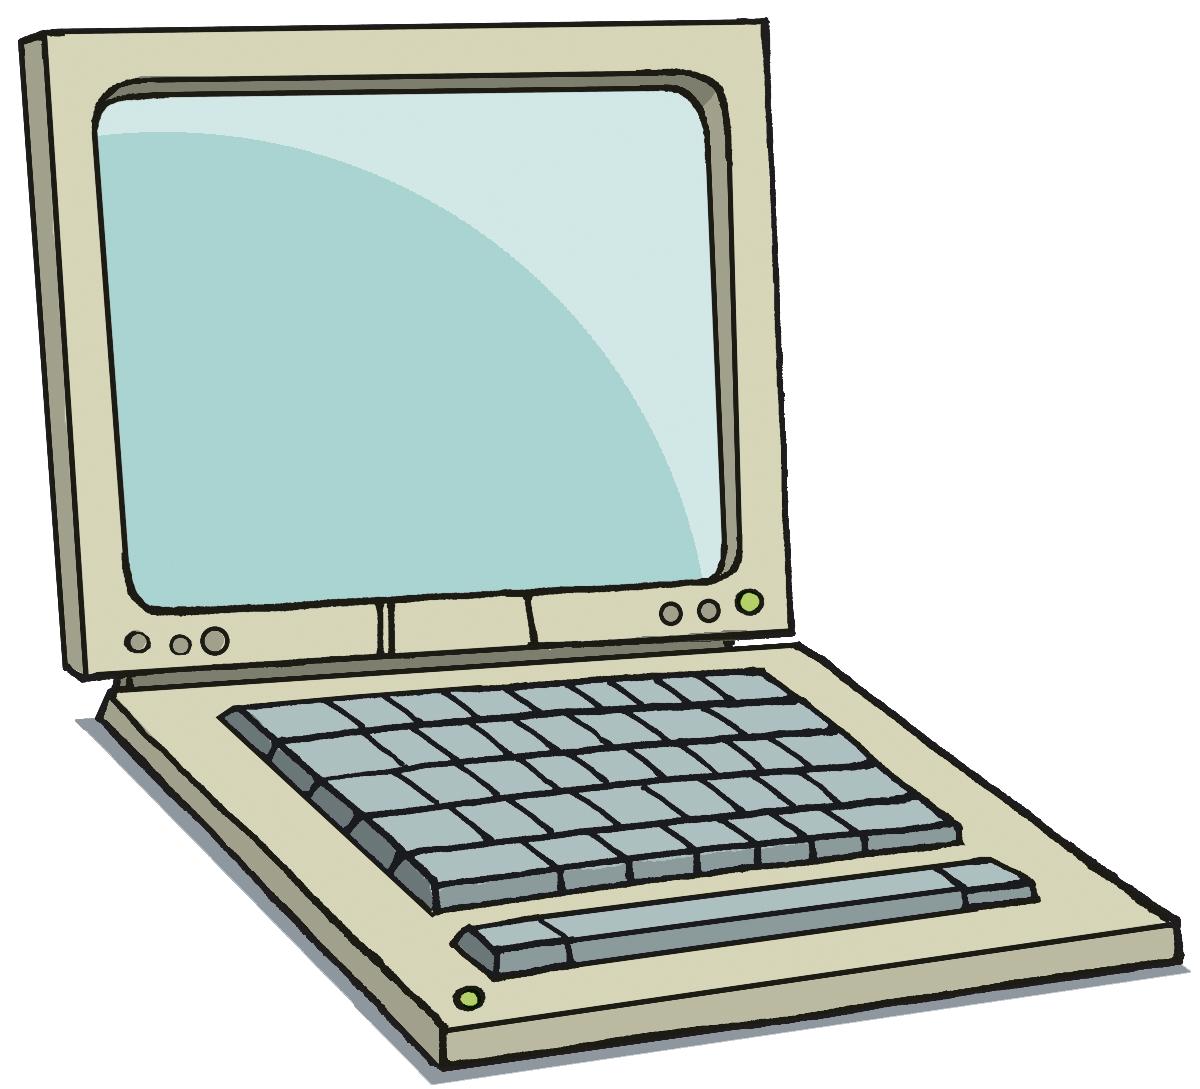 Clipart laptop clipart 5